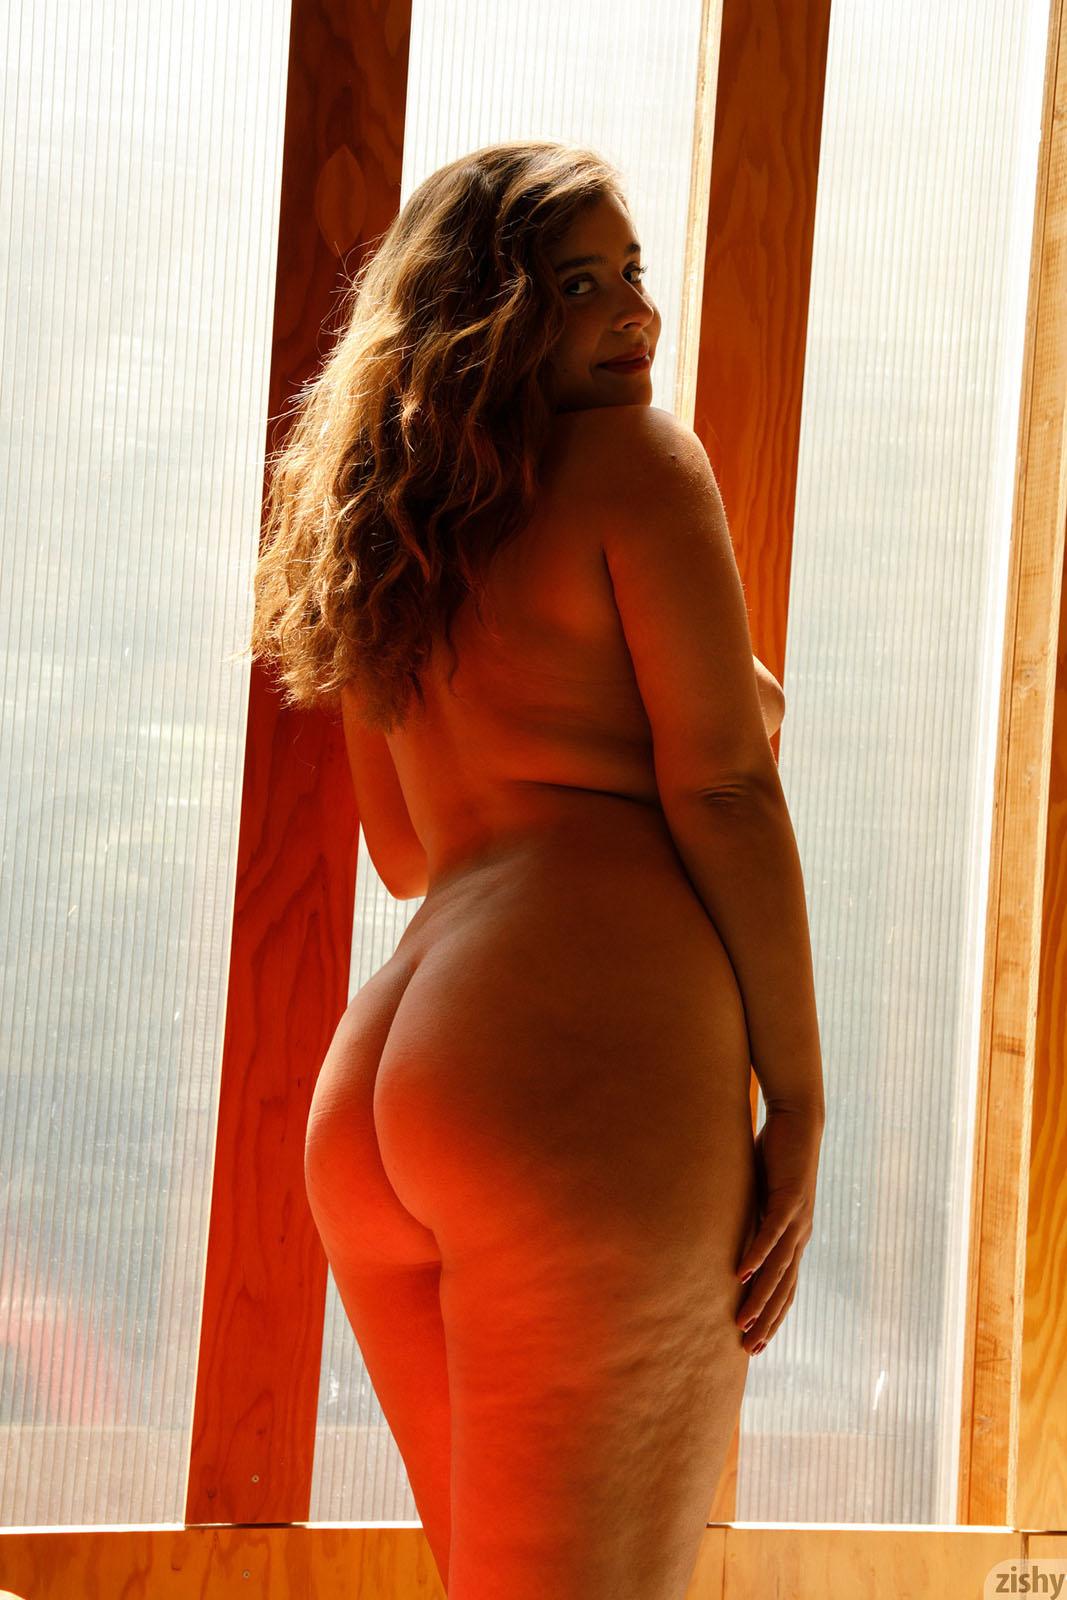 lj-reyes-hot-naked-photos